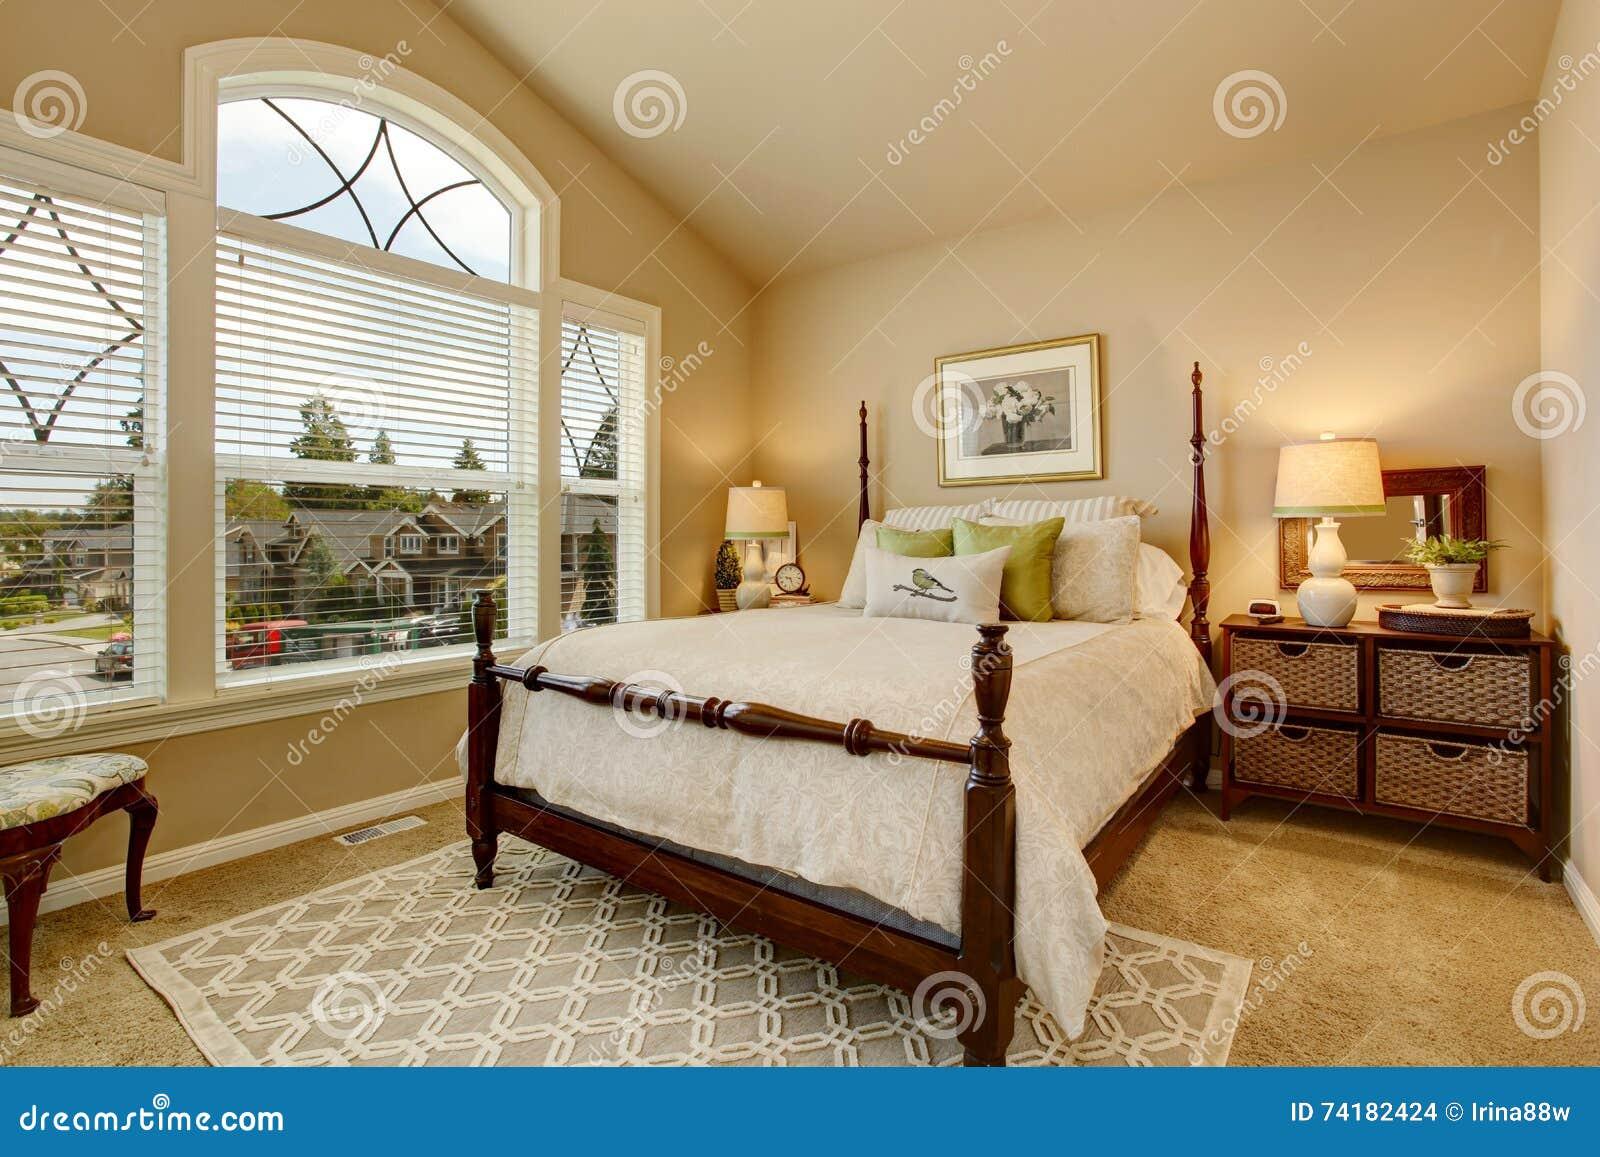 la camera da letto beige accogliente con il soffitto